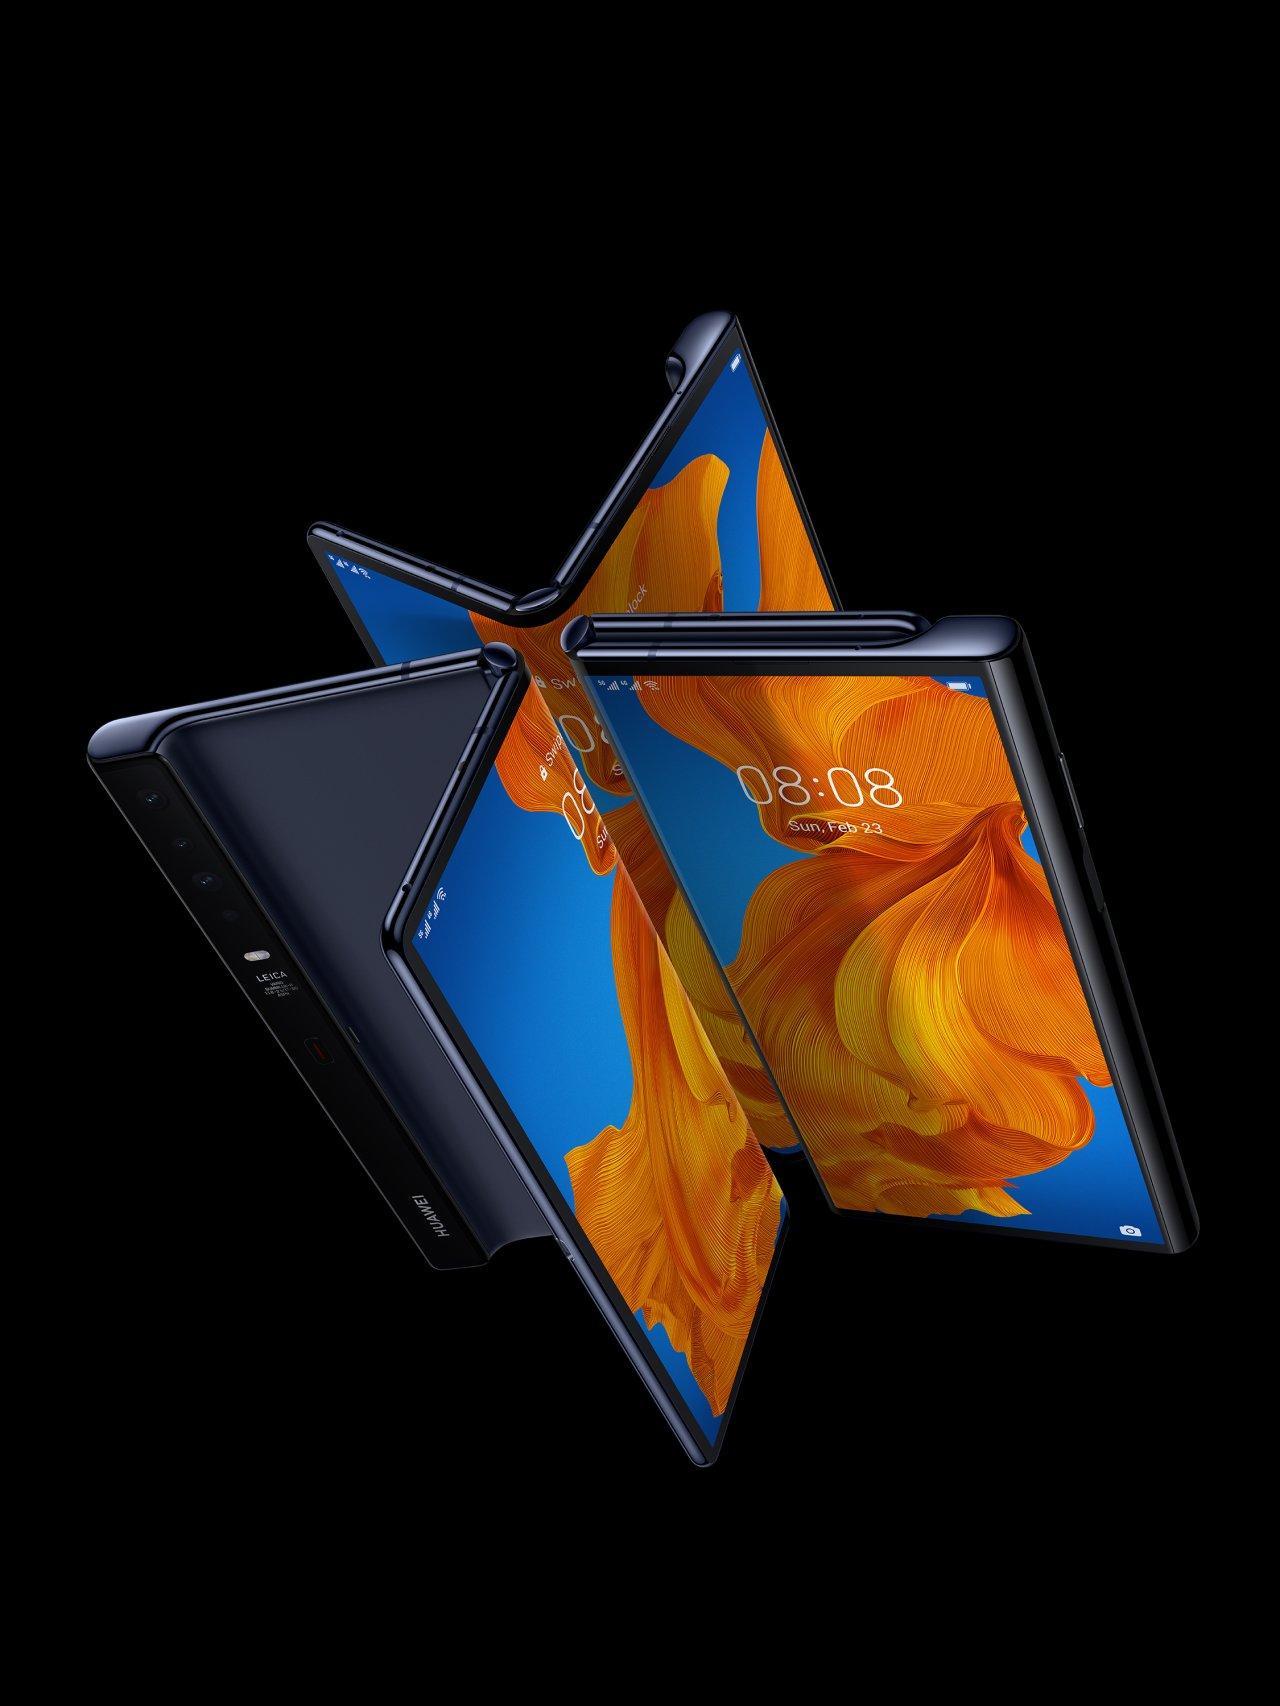 Mate Xs (Huawei)